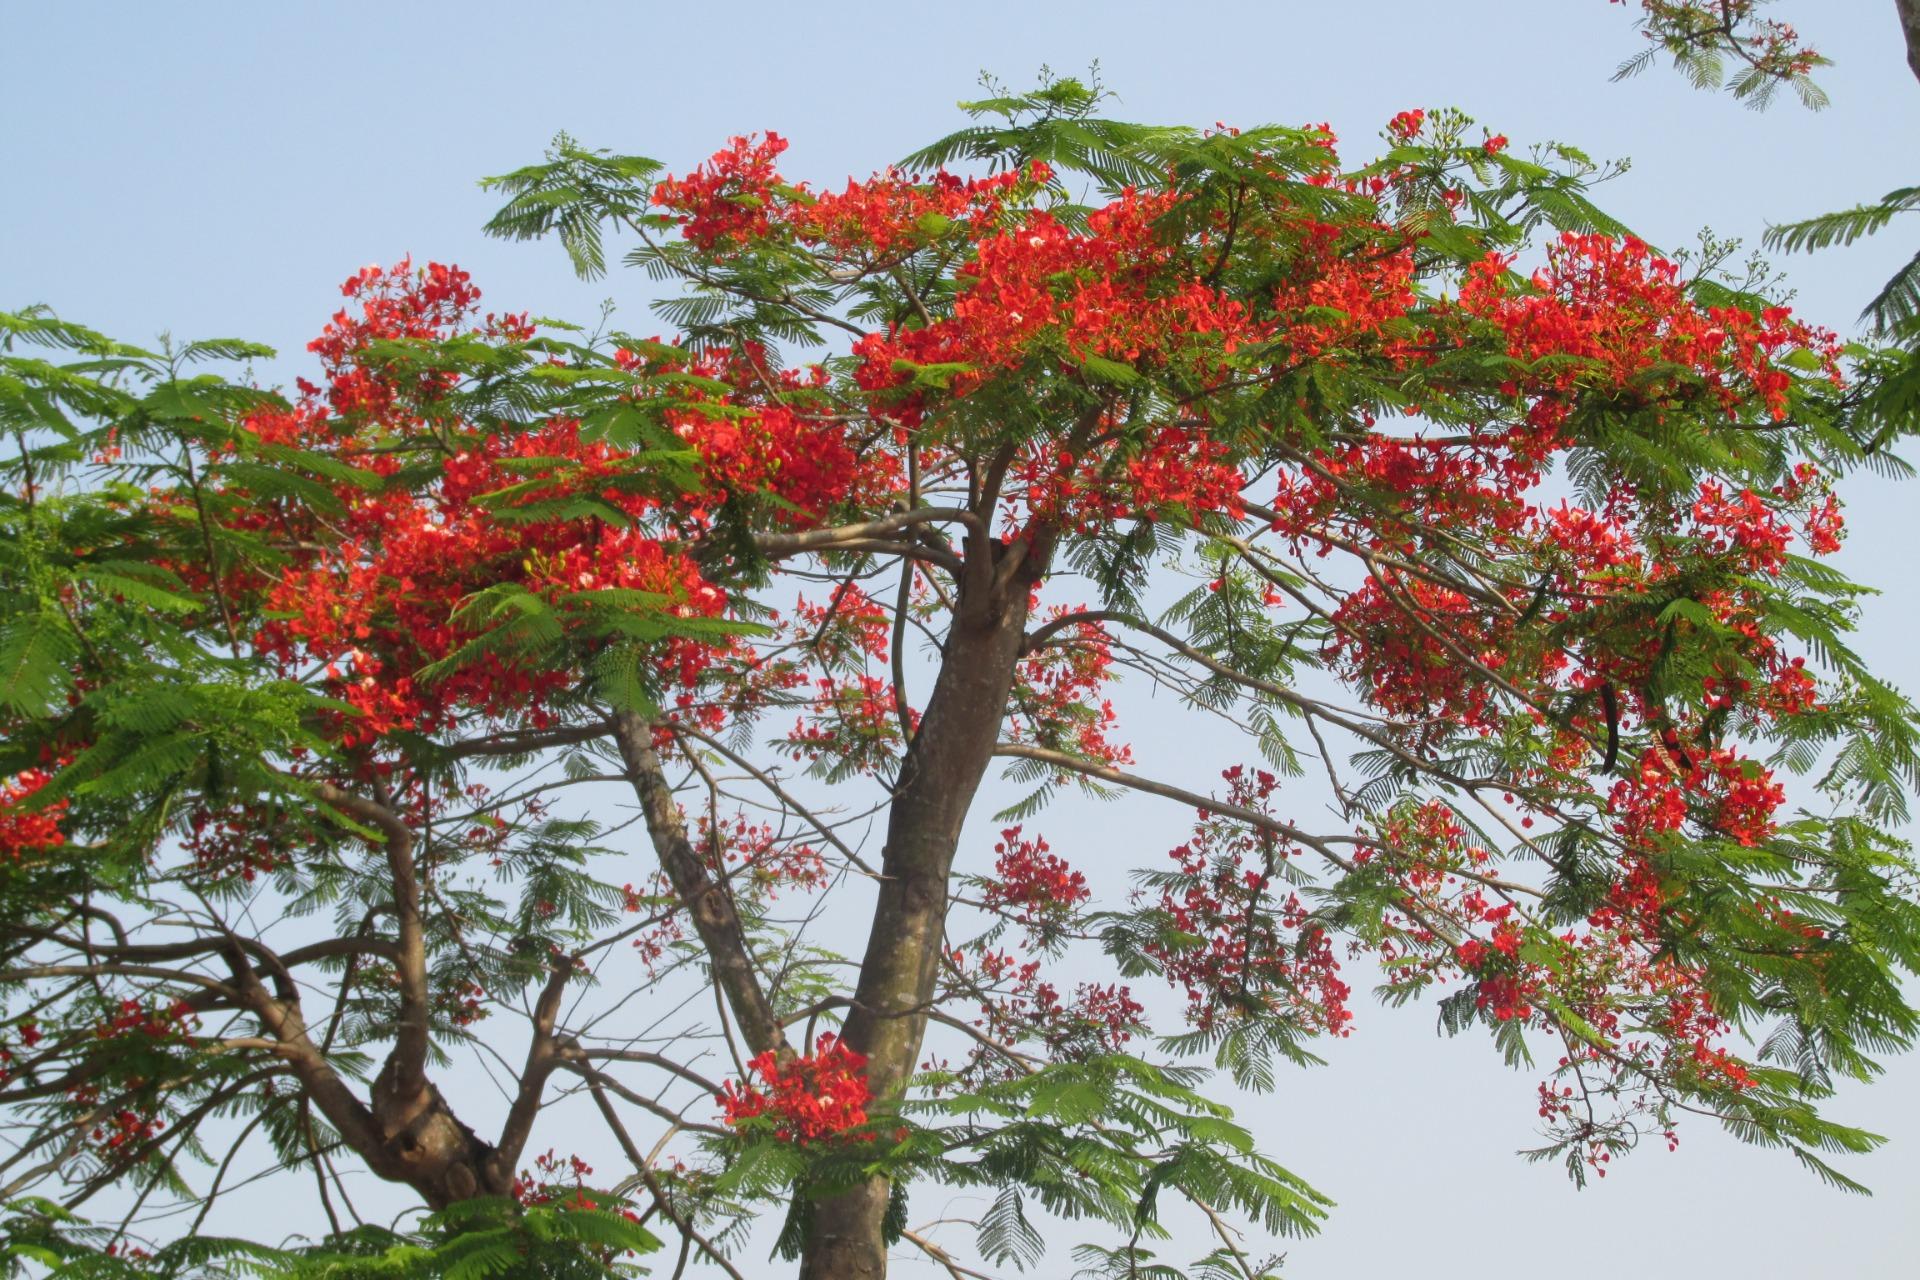 Cây hoa phượng đỏ nở rộ rất đẹp